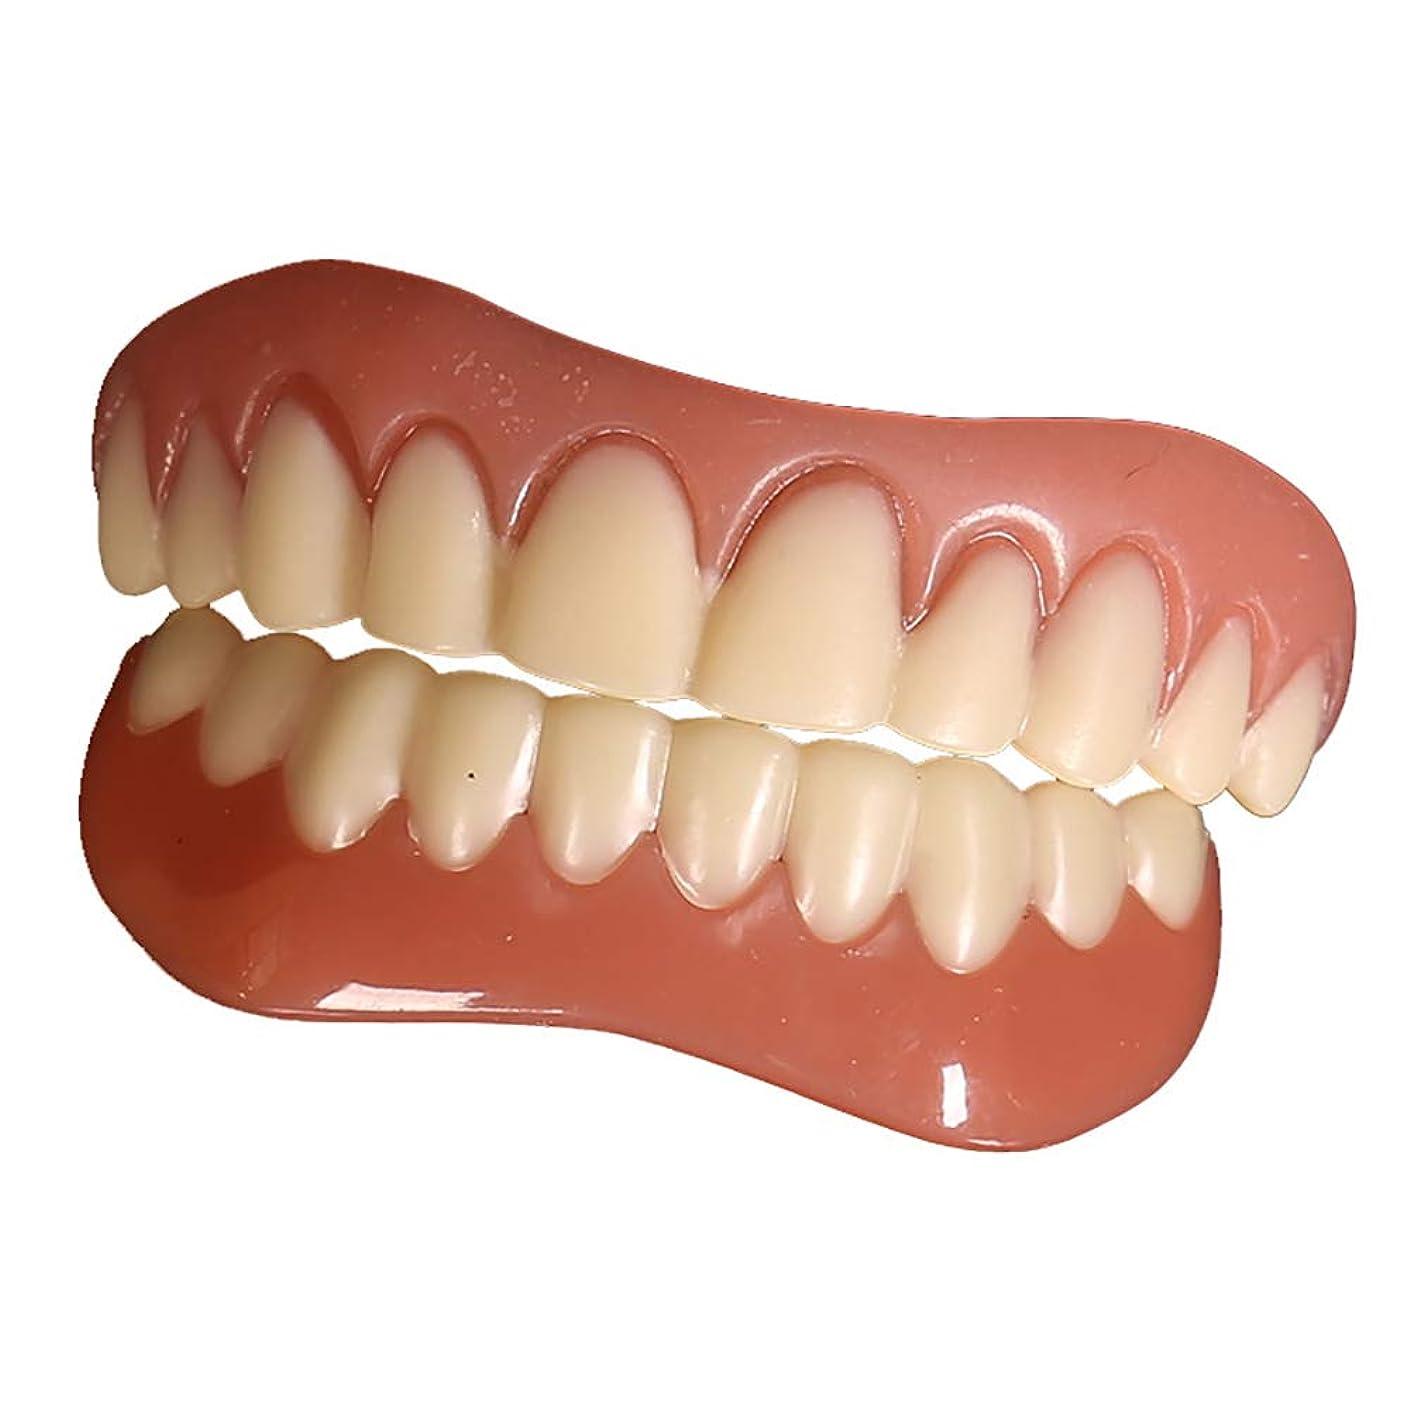 増加する無削減パーフェクトインスタントスマイルティースベニアインスタント美容義歯上下歯2個入り(フリーサイズ(中)